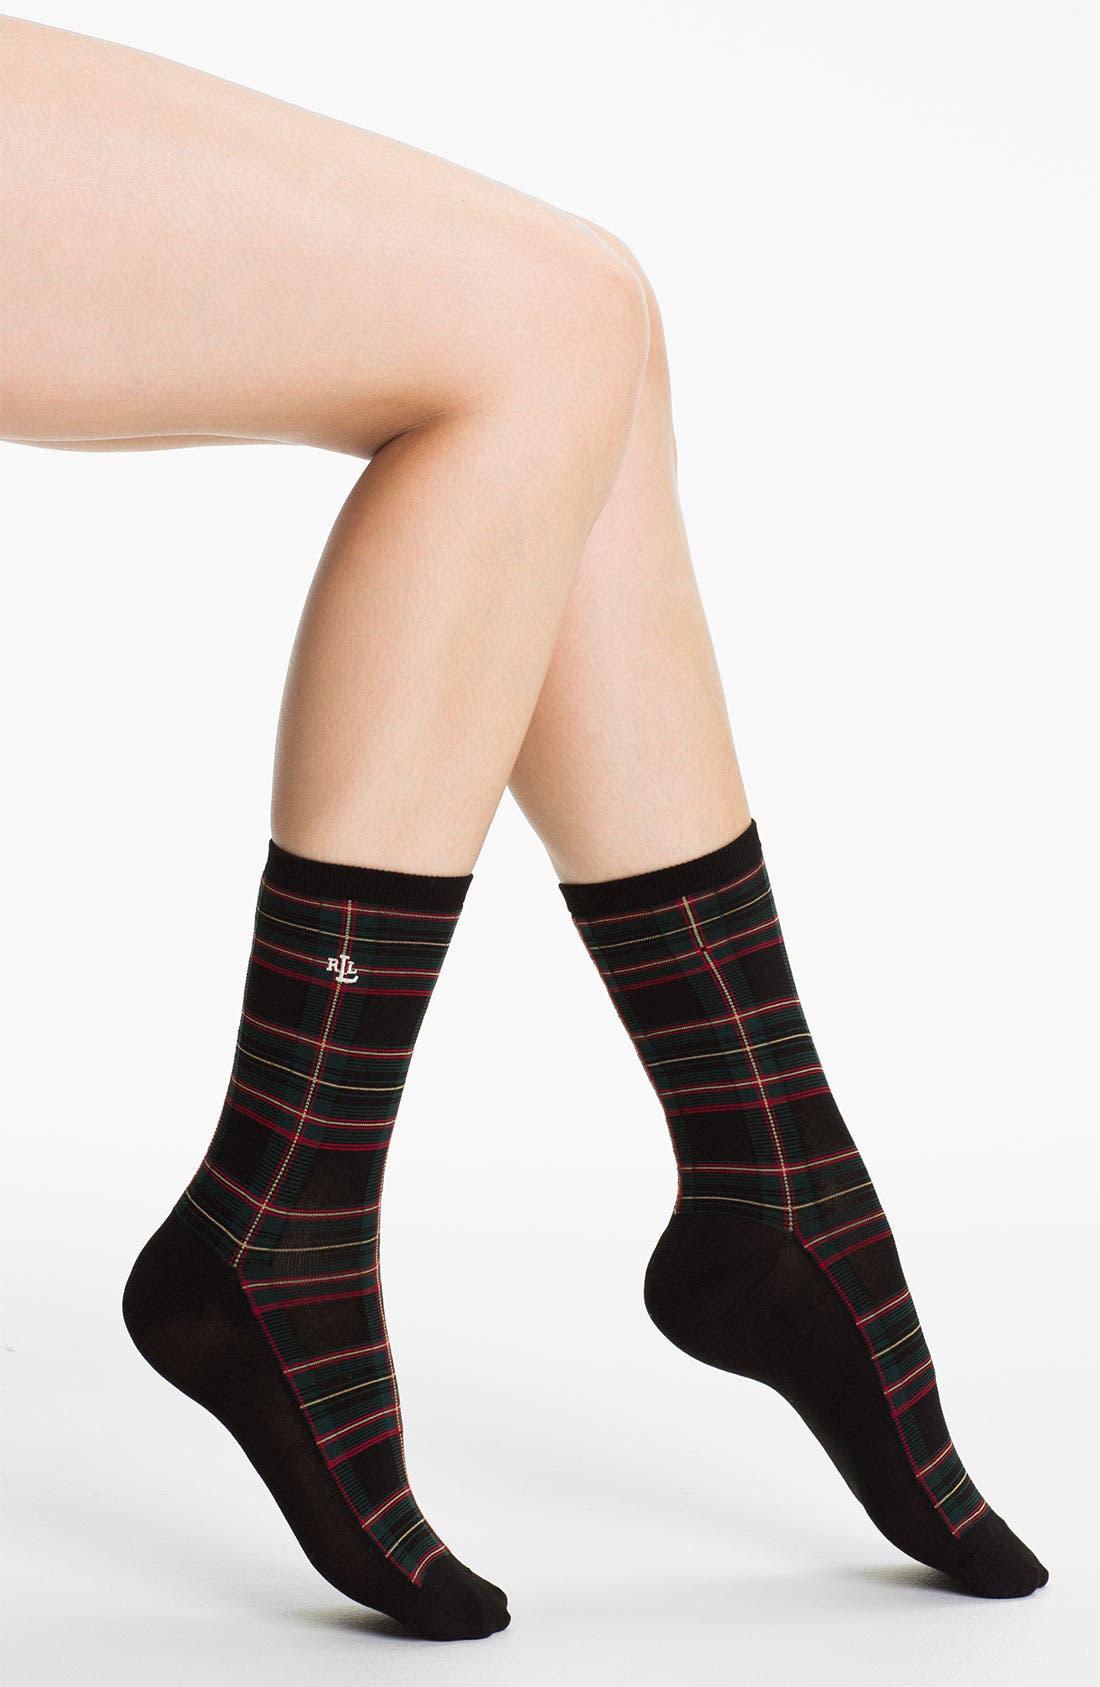 Alternate Image 1 Selected - Ralph Lauren Plaid Crew Socks (2-Pack)